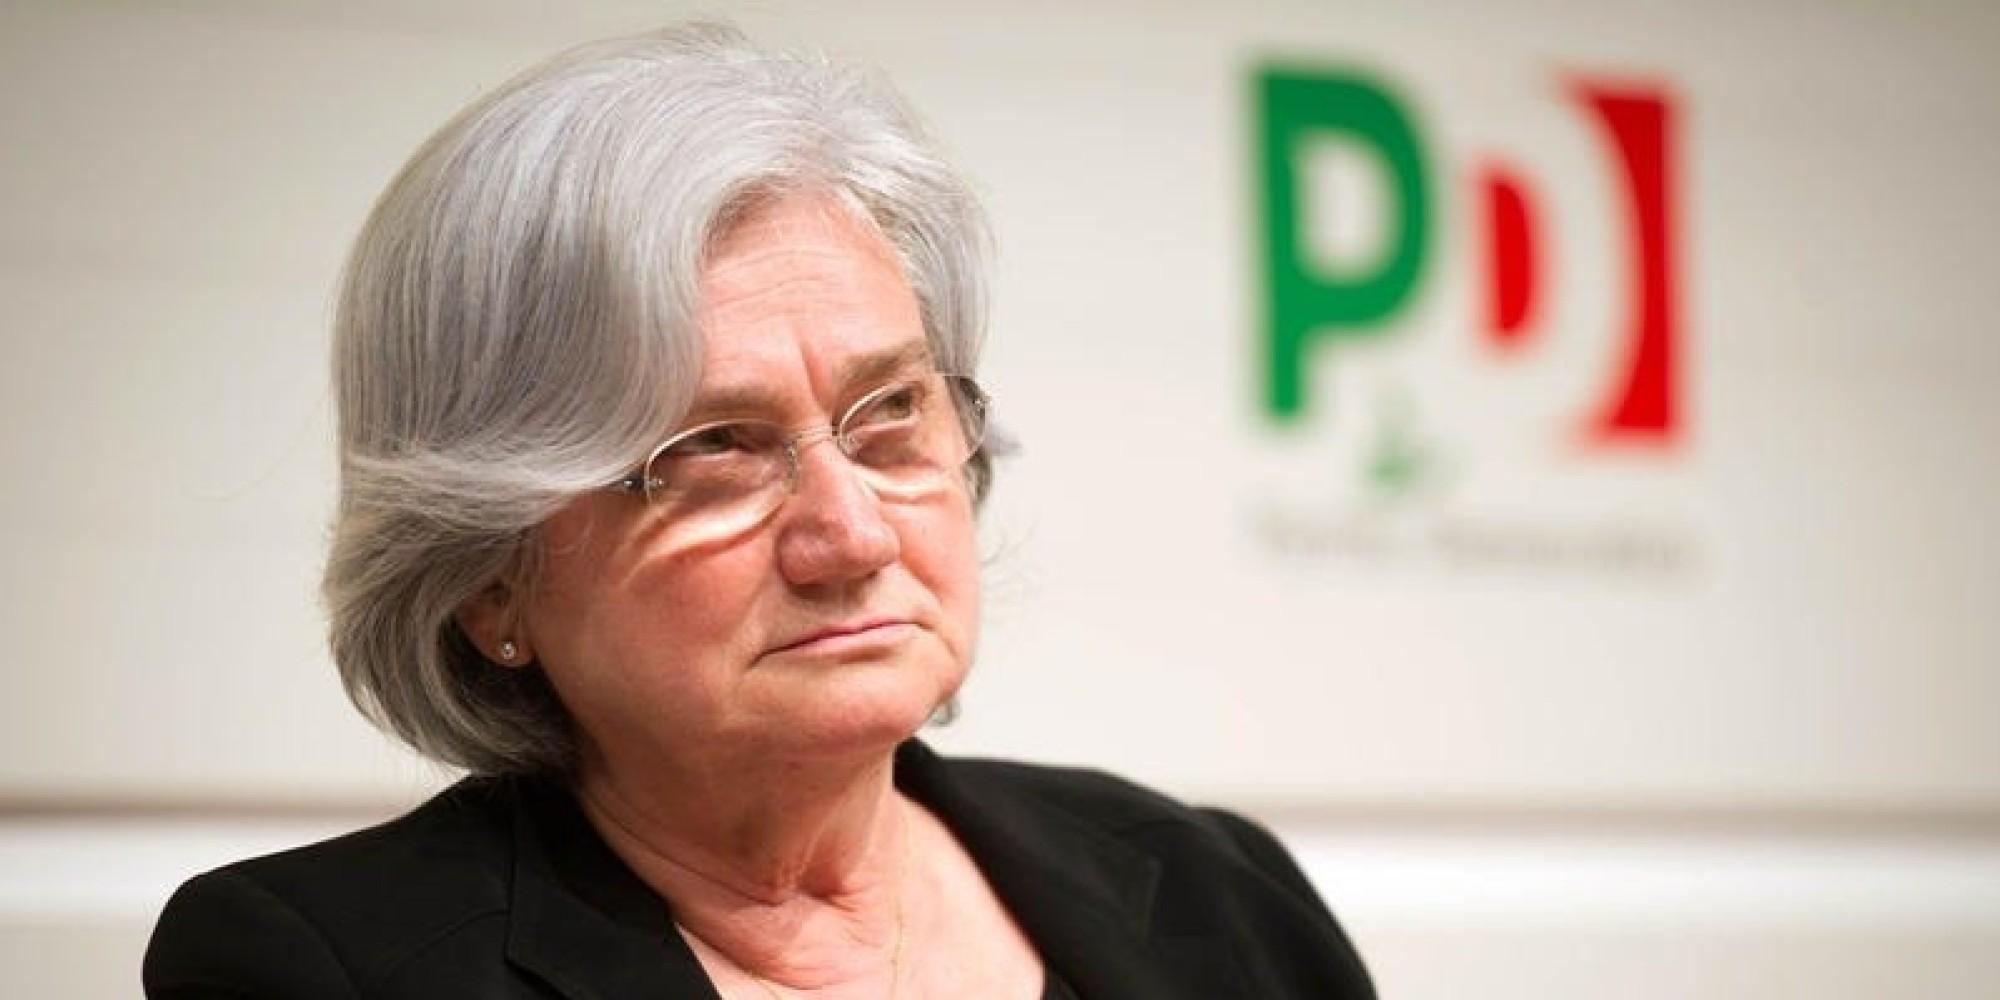 """Mafia, Rosy Bindi:"""" La morte di riina non è la fine della mafia. Cercare la verità sulla strage"""""""